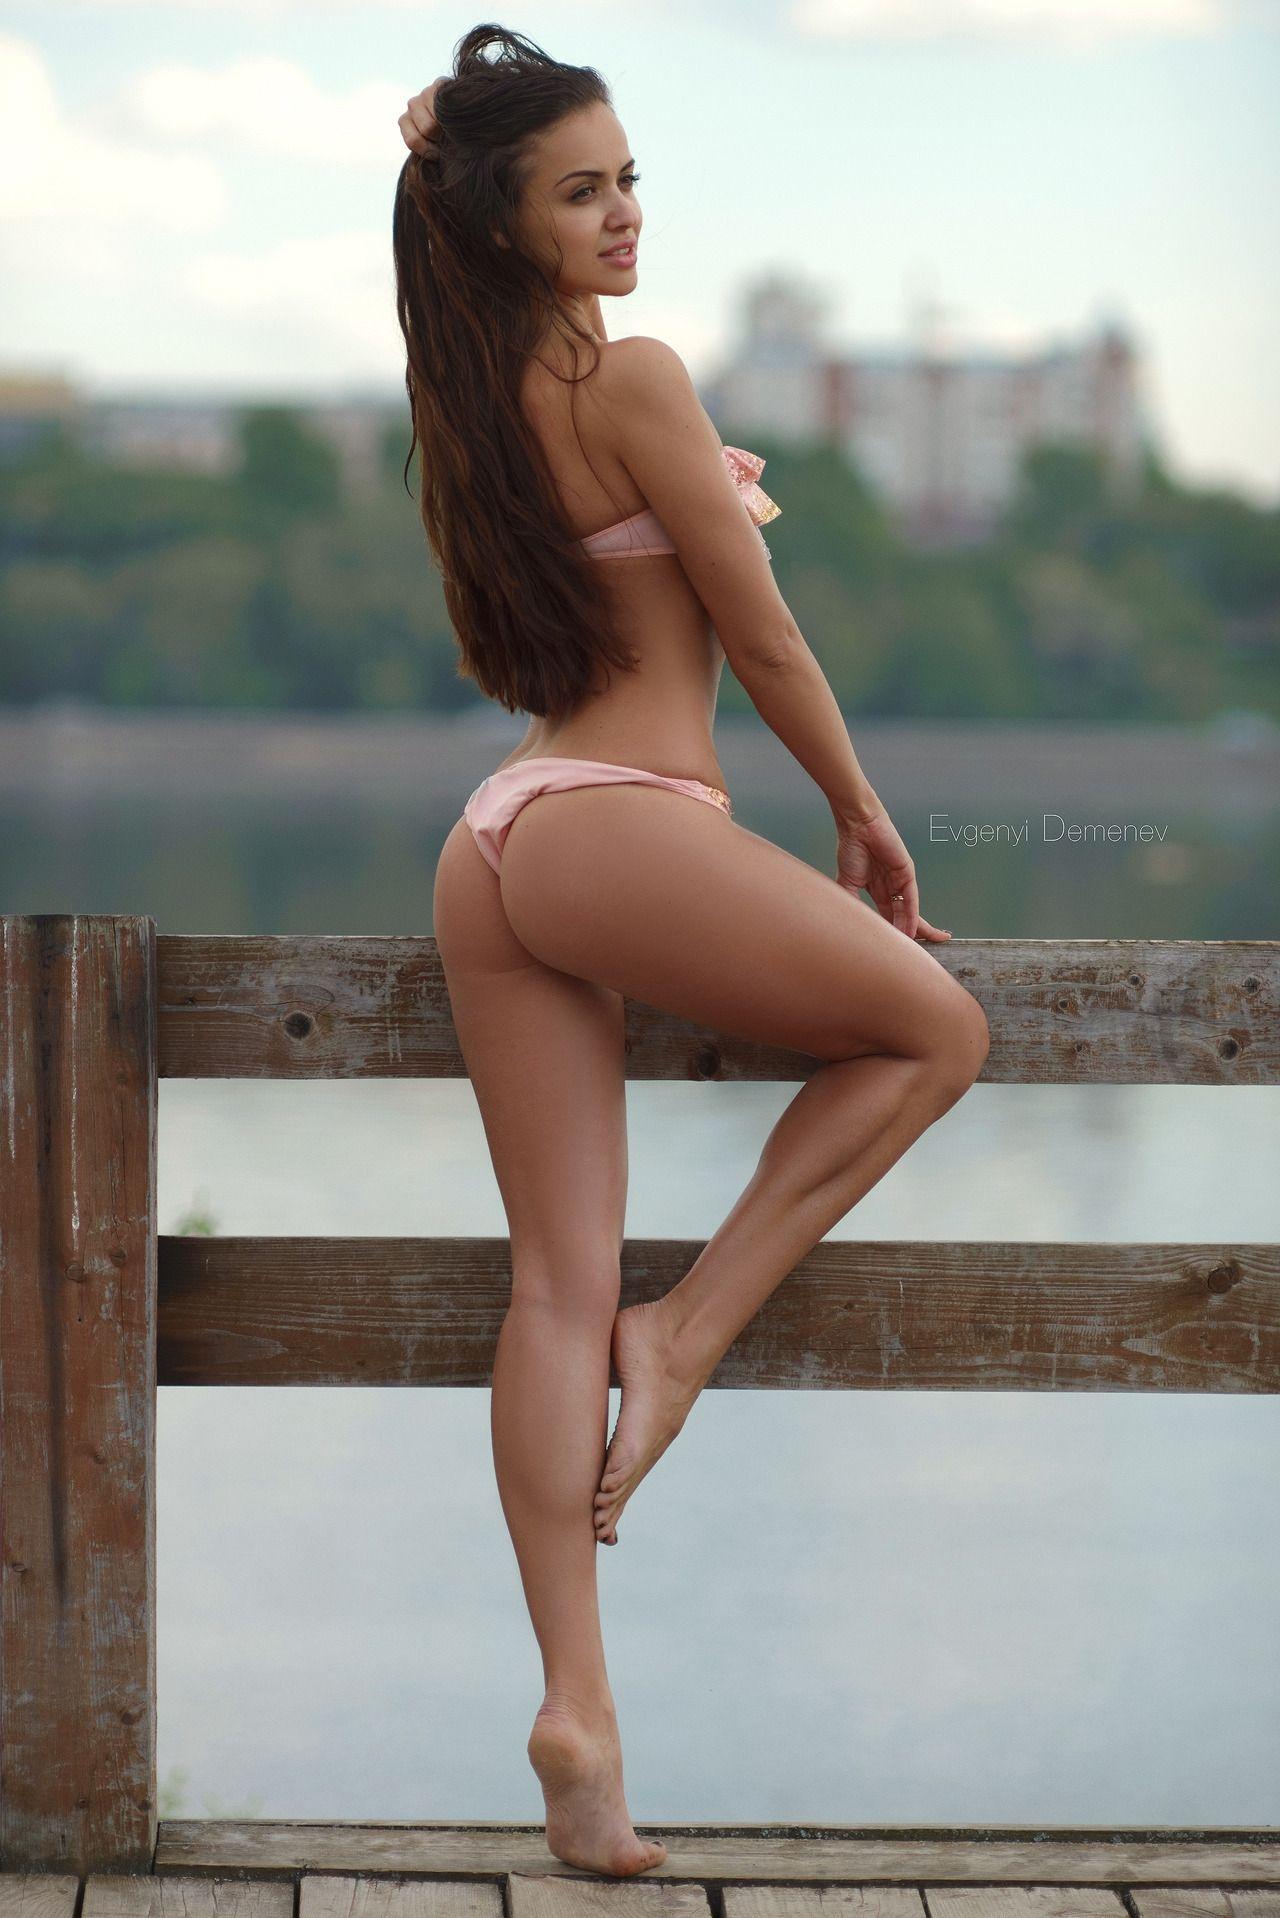 Ножки в красивом белье, девушка в мини юбке подняла ногу